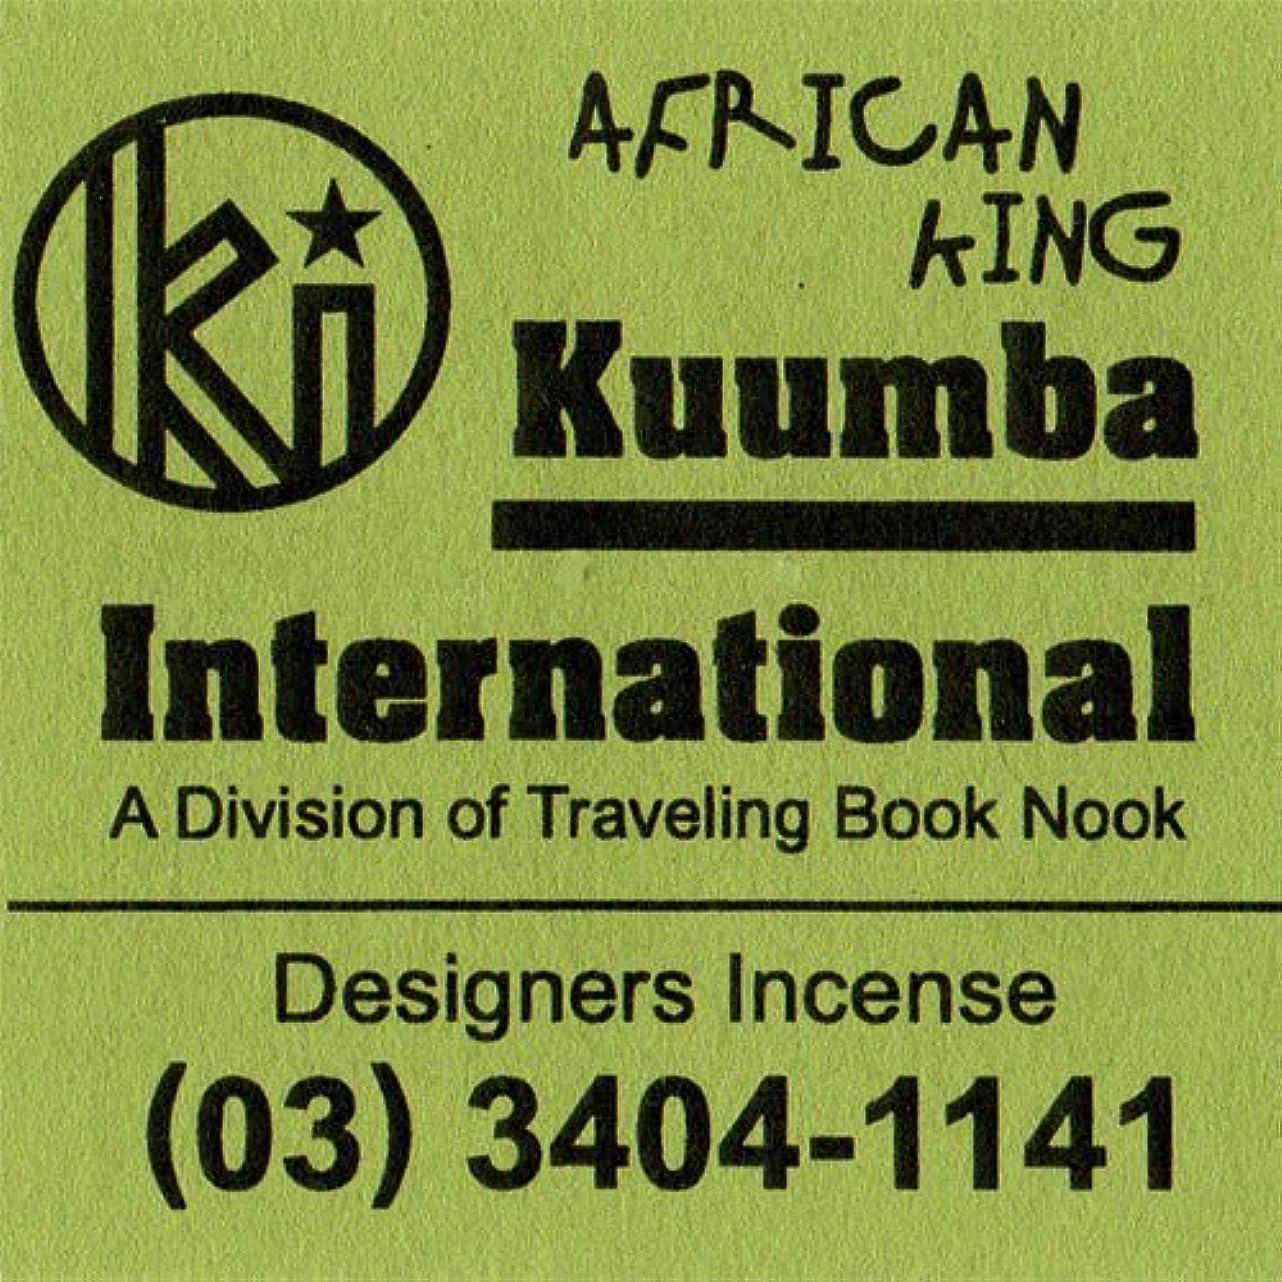 エリート民間ニックネームKUUMBA/クンバ『incense』(AFRICAN KING) (Regular size)